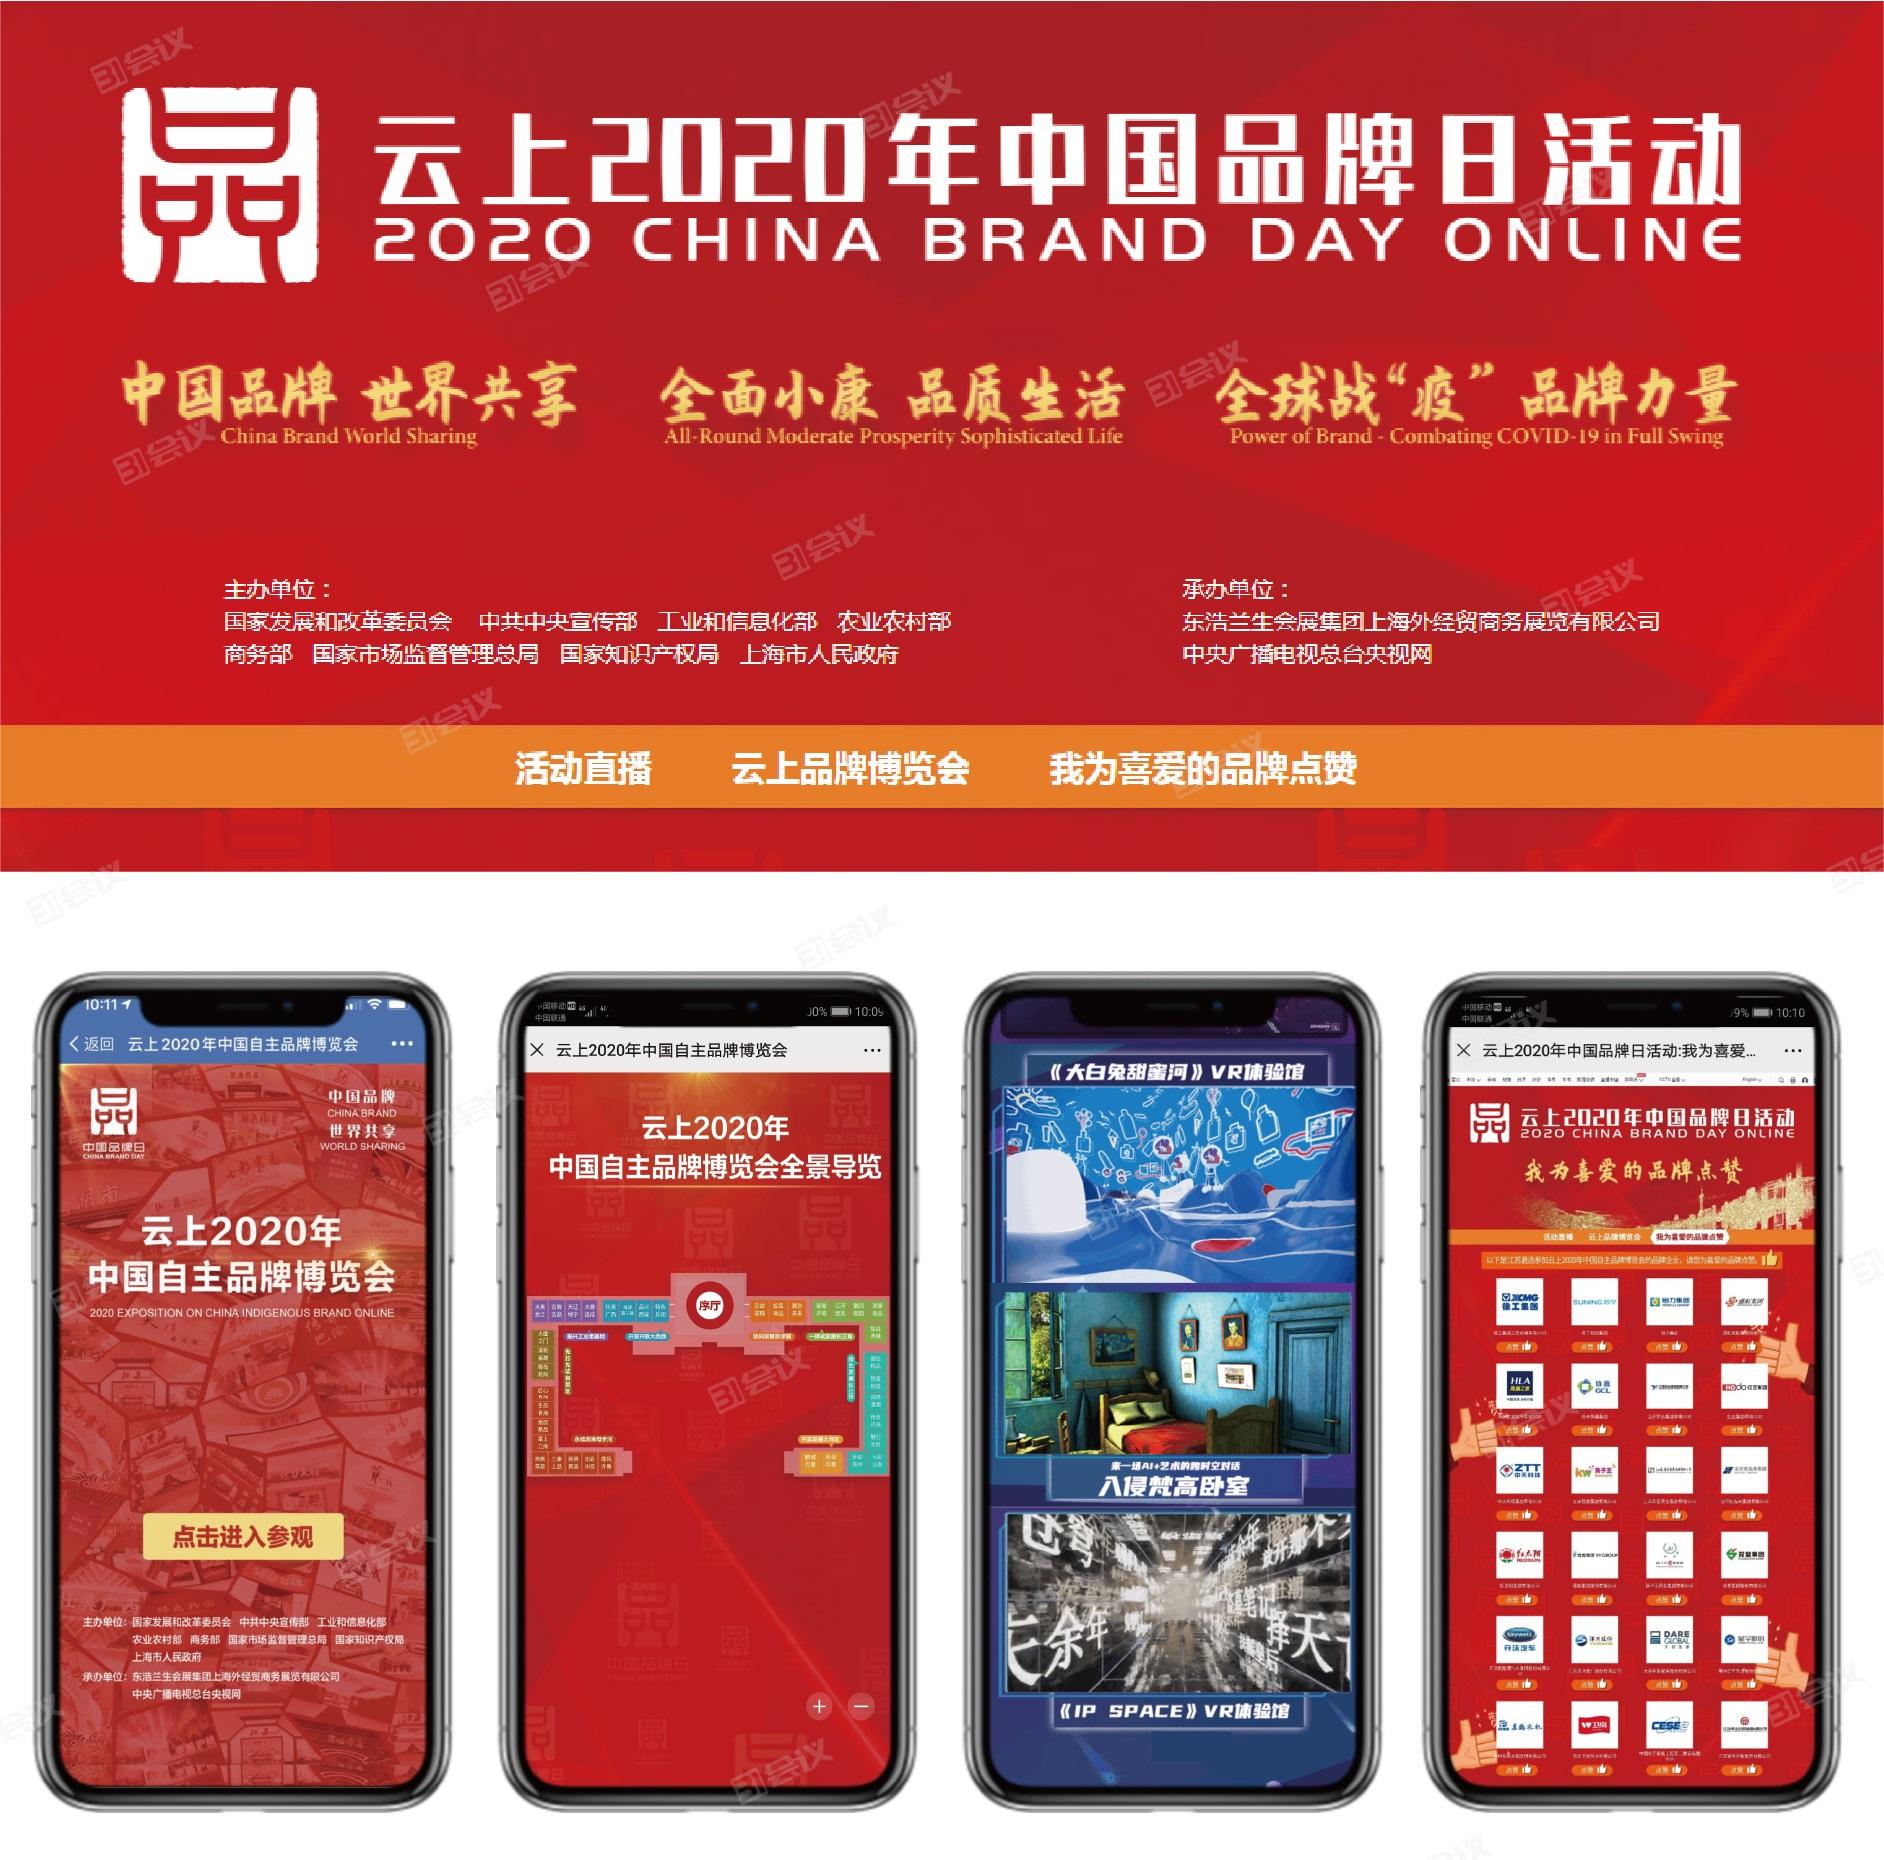 1-云上2020中国品牌日活动.jpg